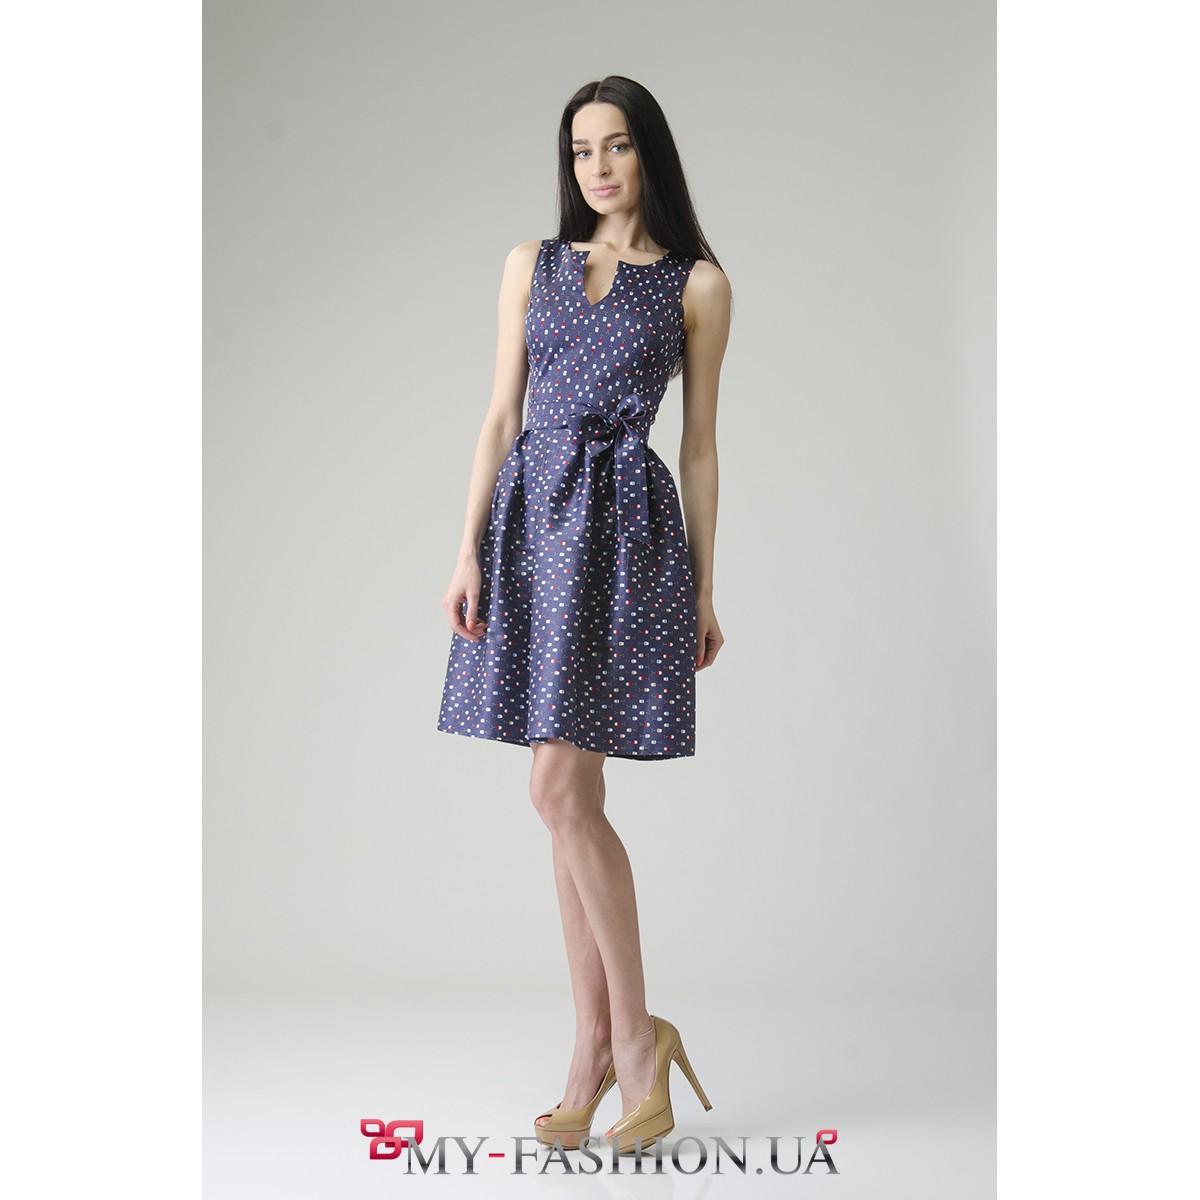 Короткие платья с пышной юбкой купить